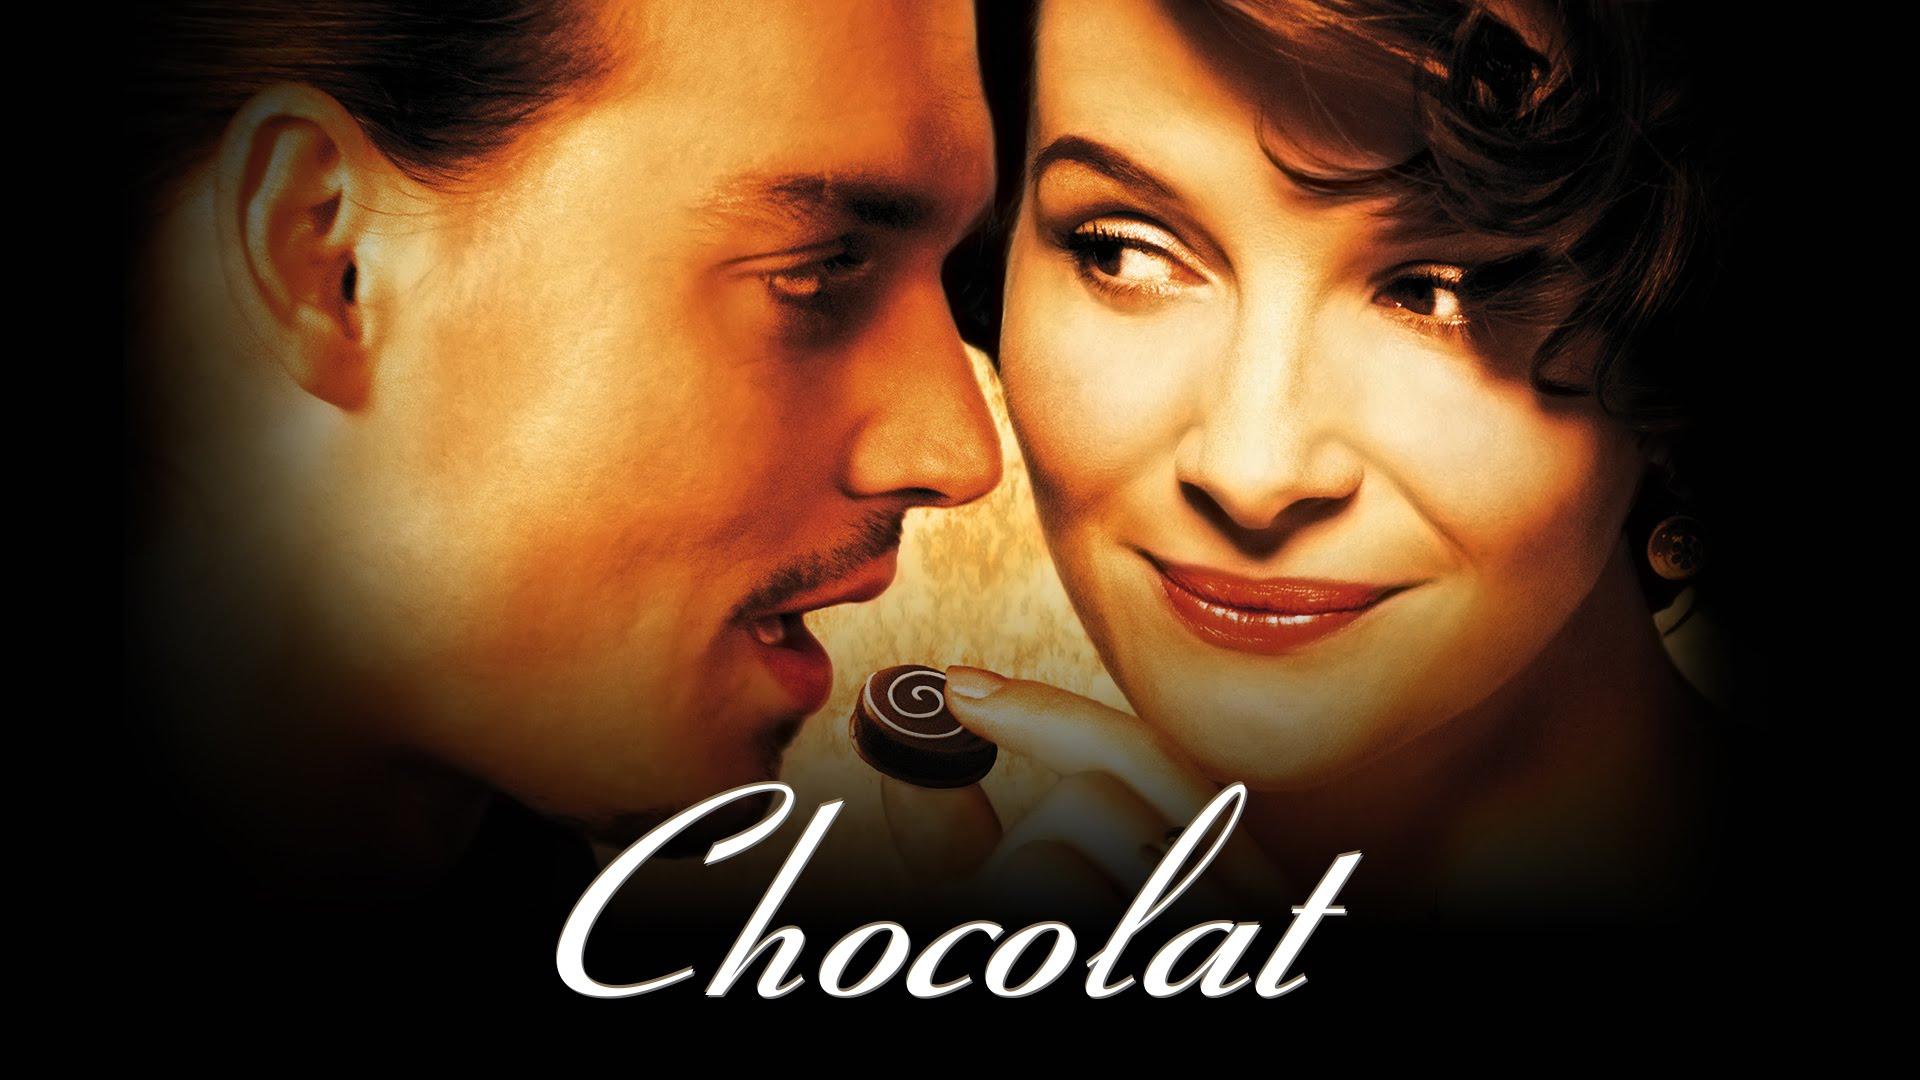 chocolat-2000-2